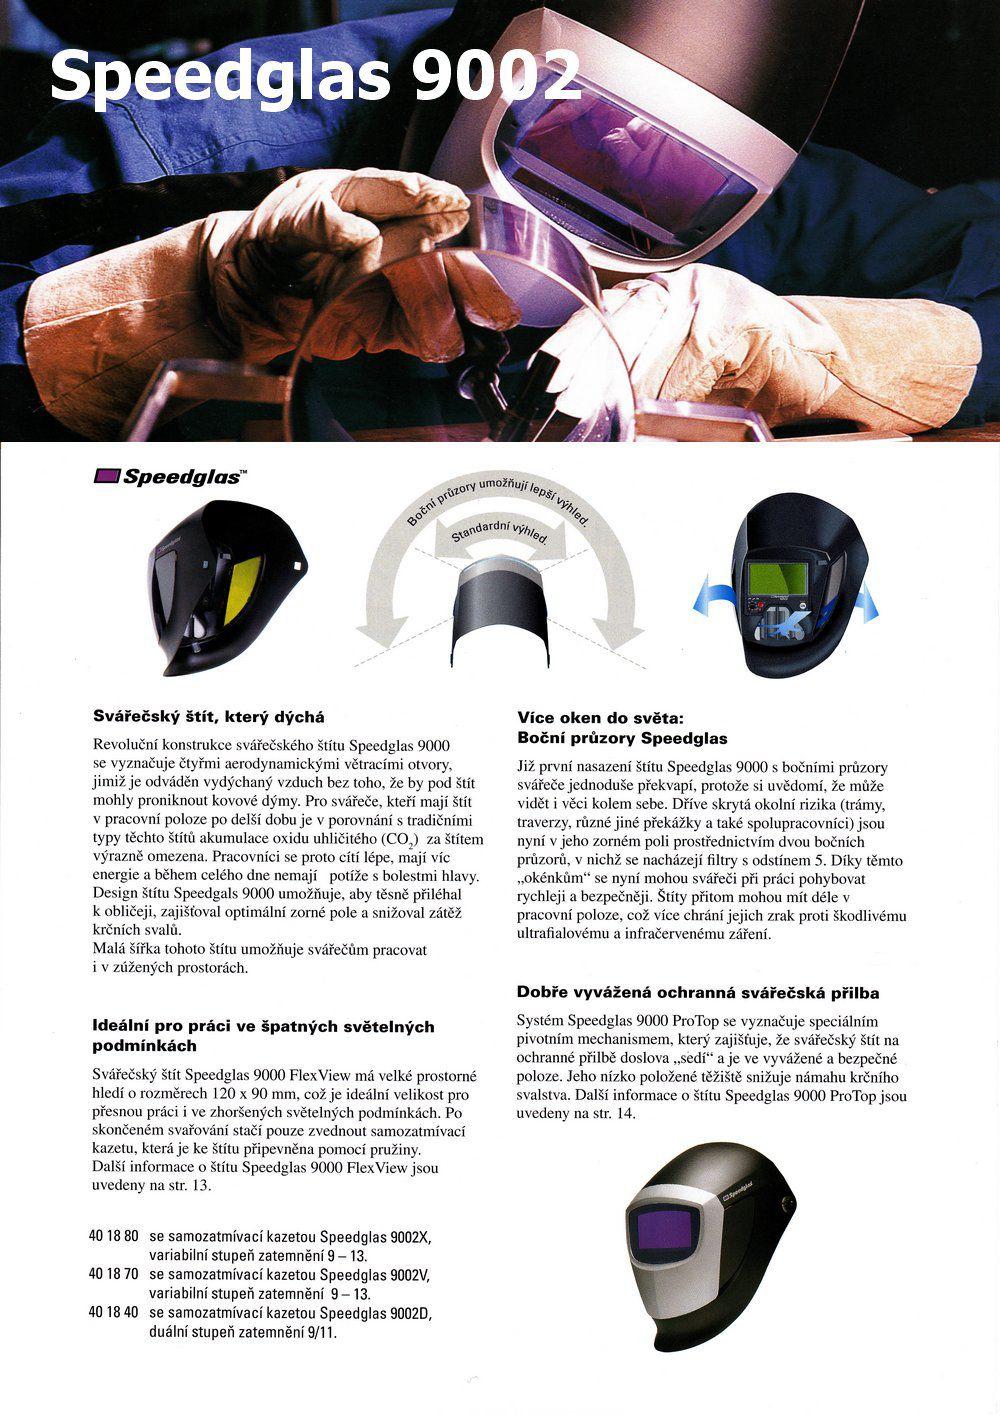 Katalog Speedglas 9002